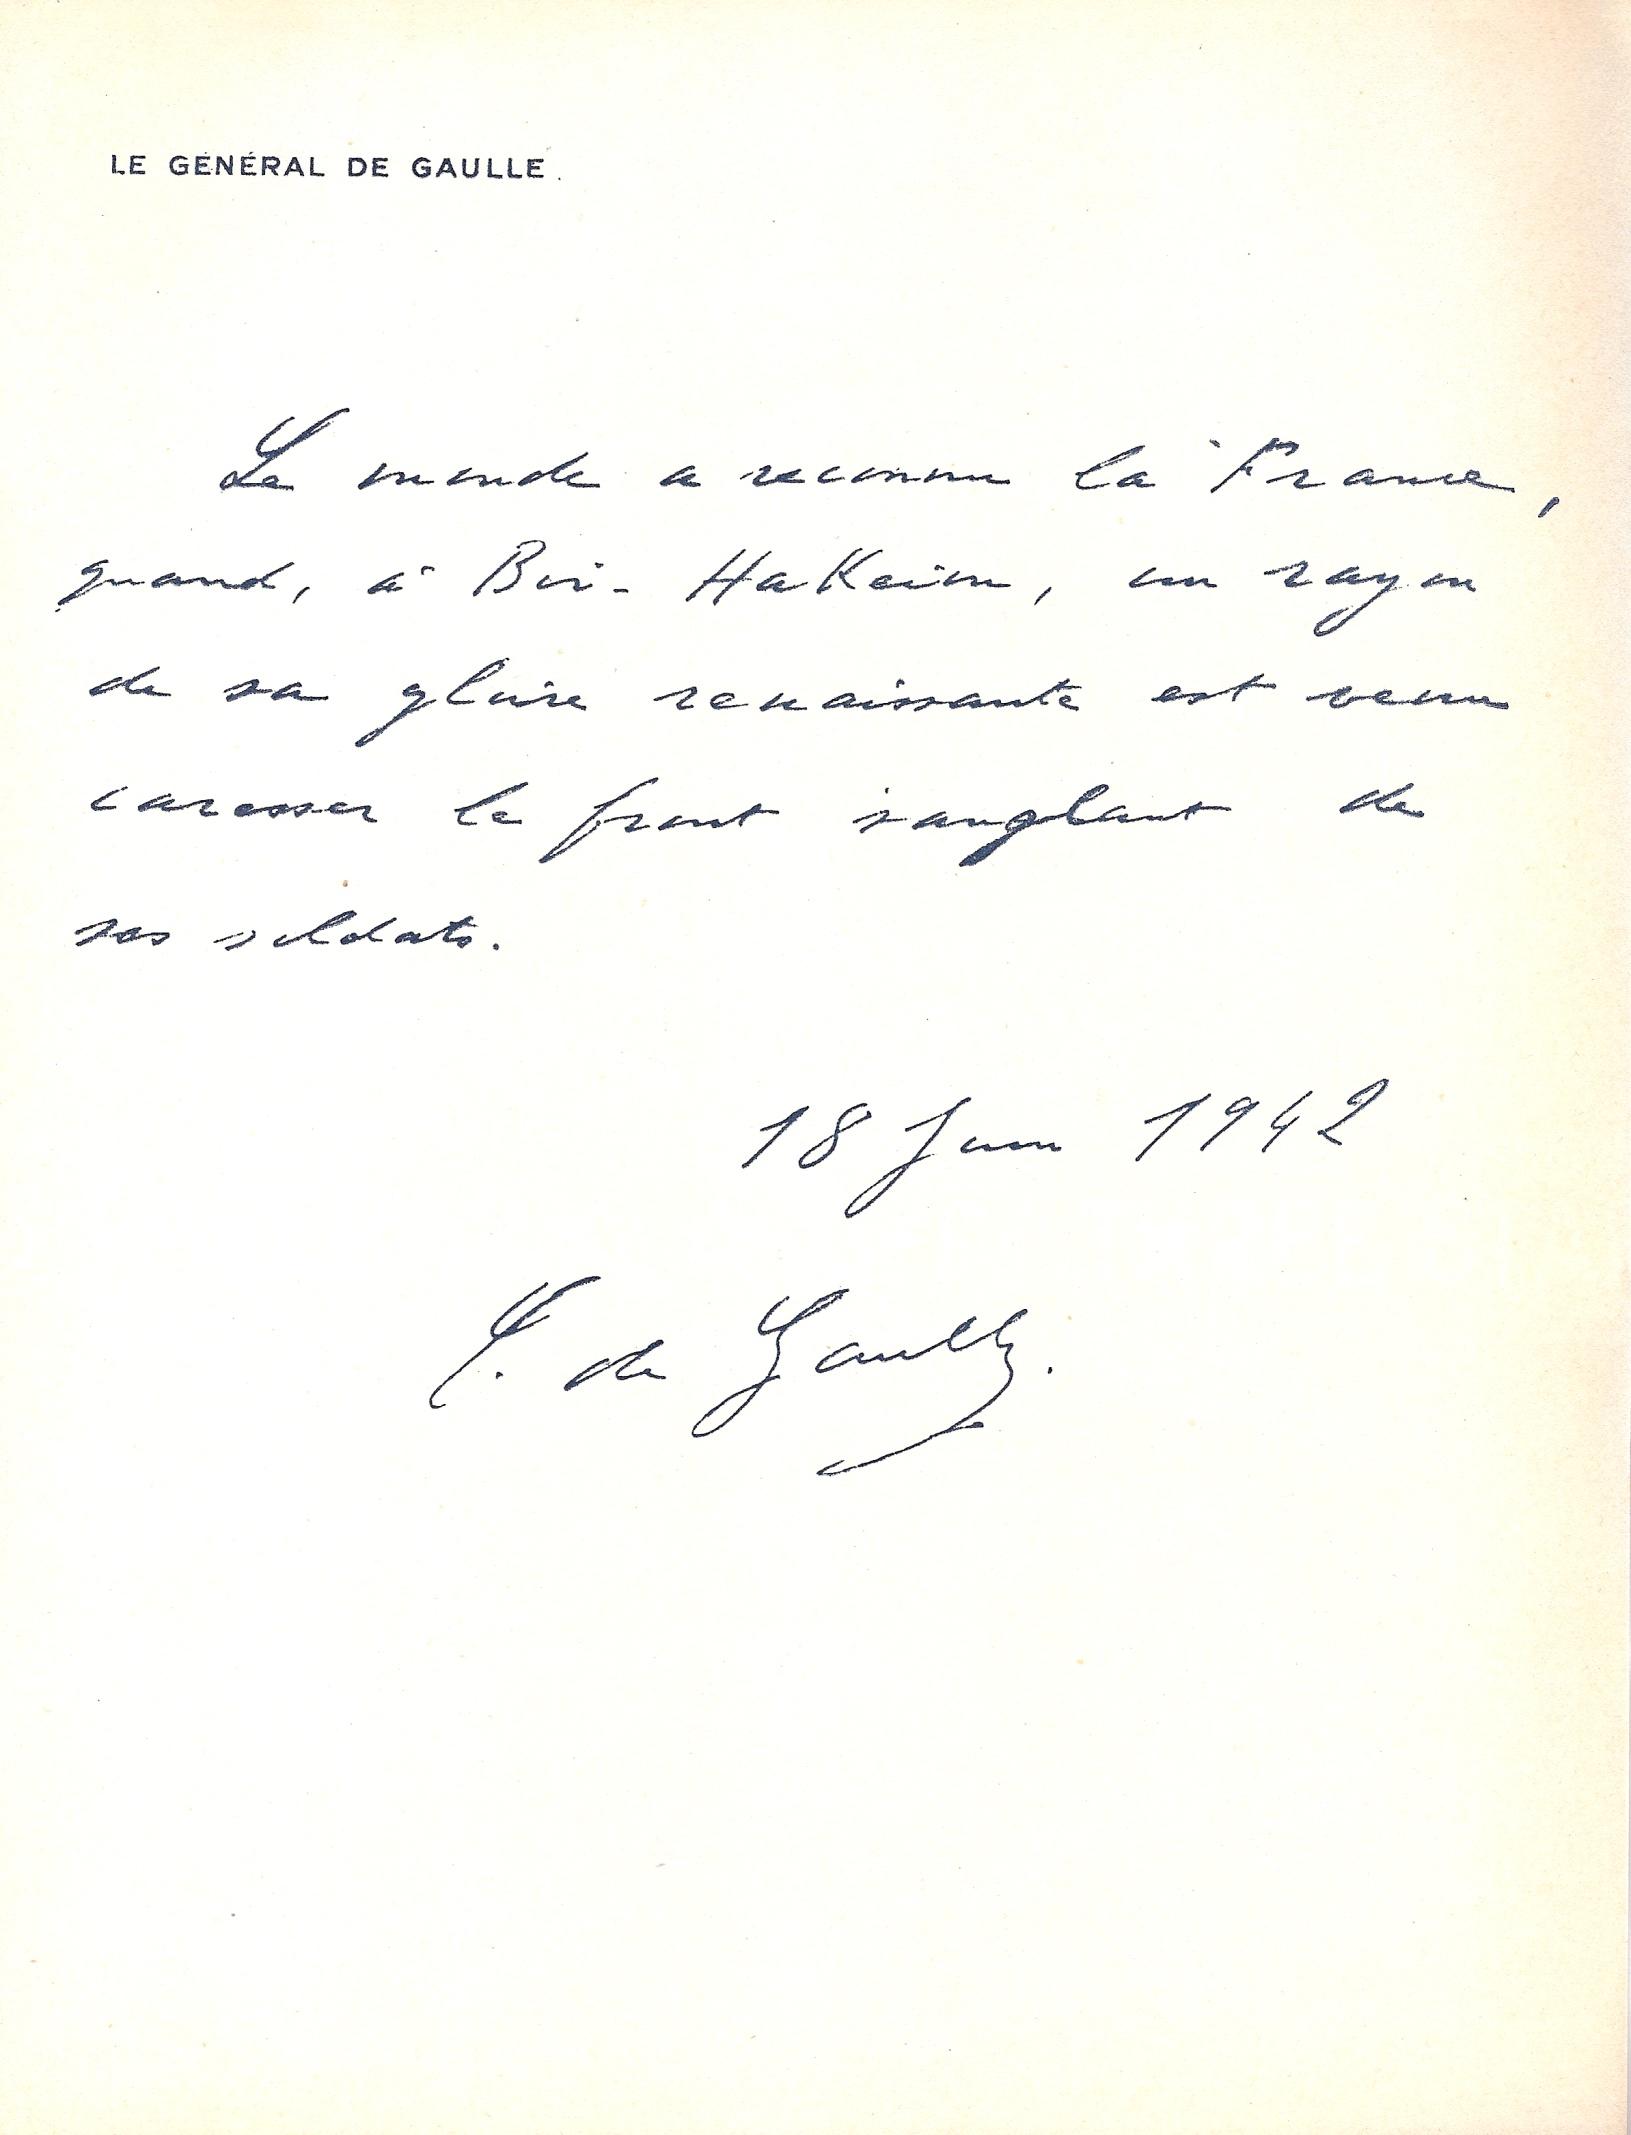 Lettre du général de Gaulle (juin 1949)